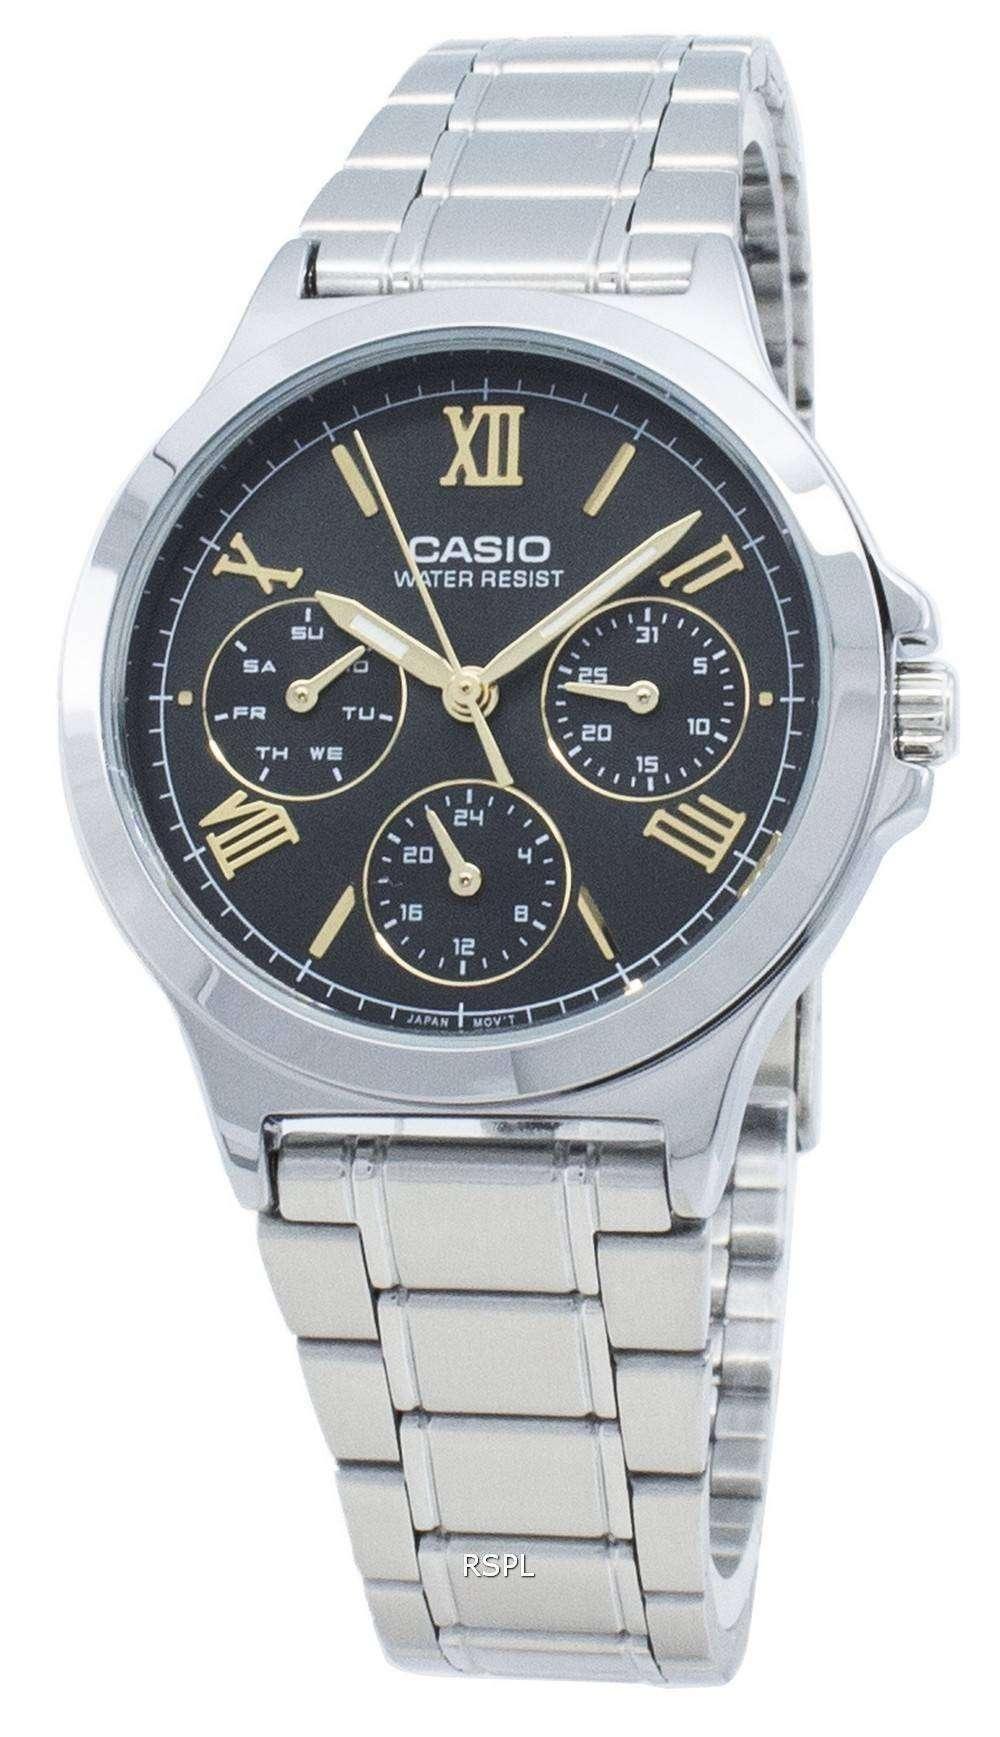 カシオタイムピースLTP-V300D-1A2 LTPV300D-1A2クォーツレディース腕時計